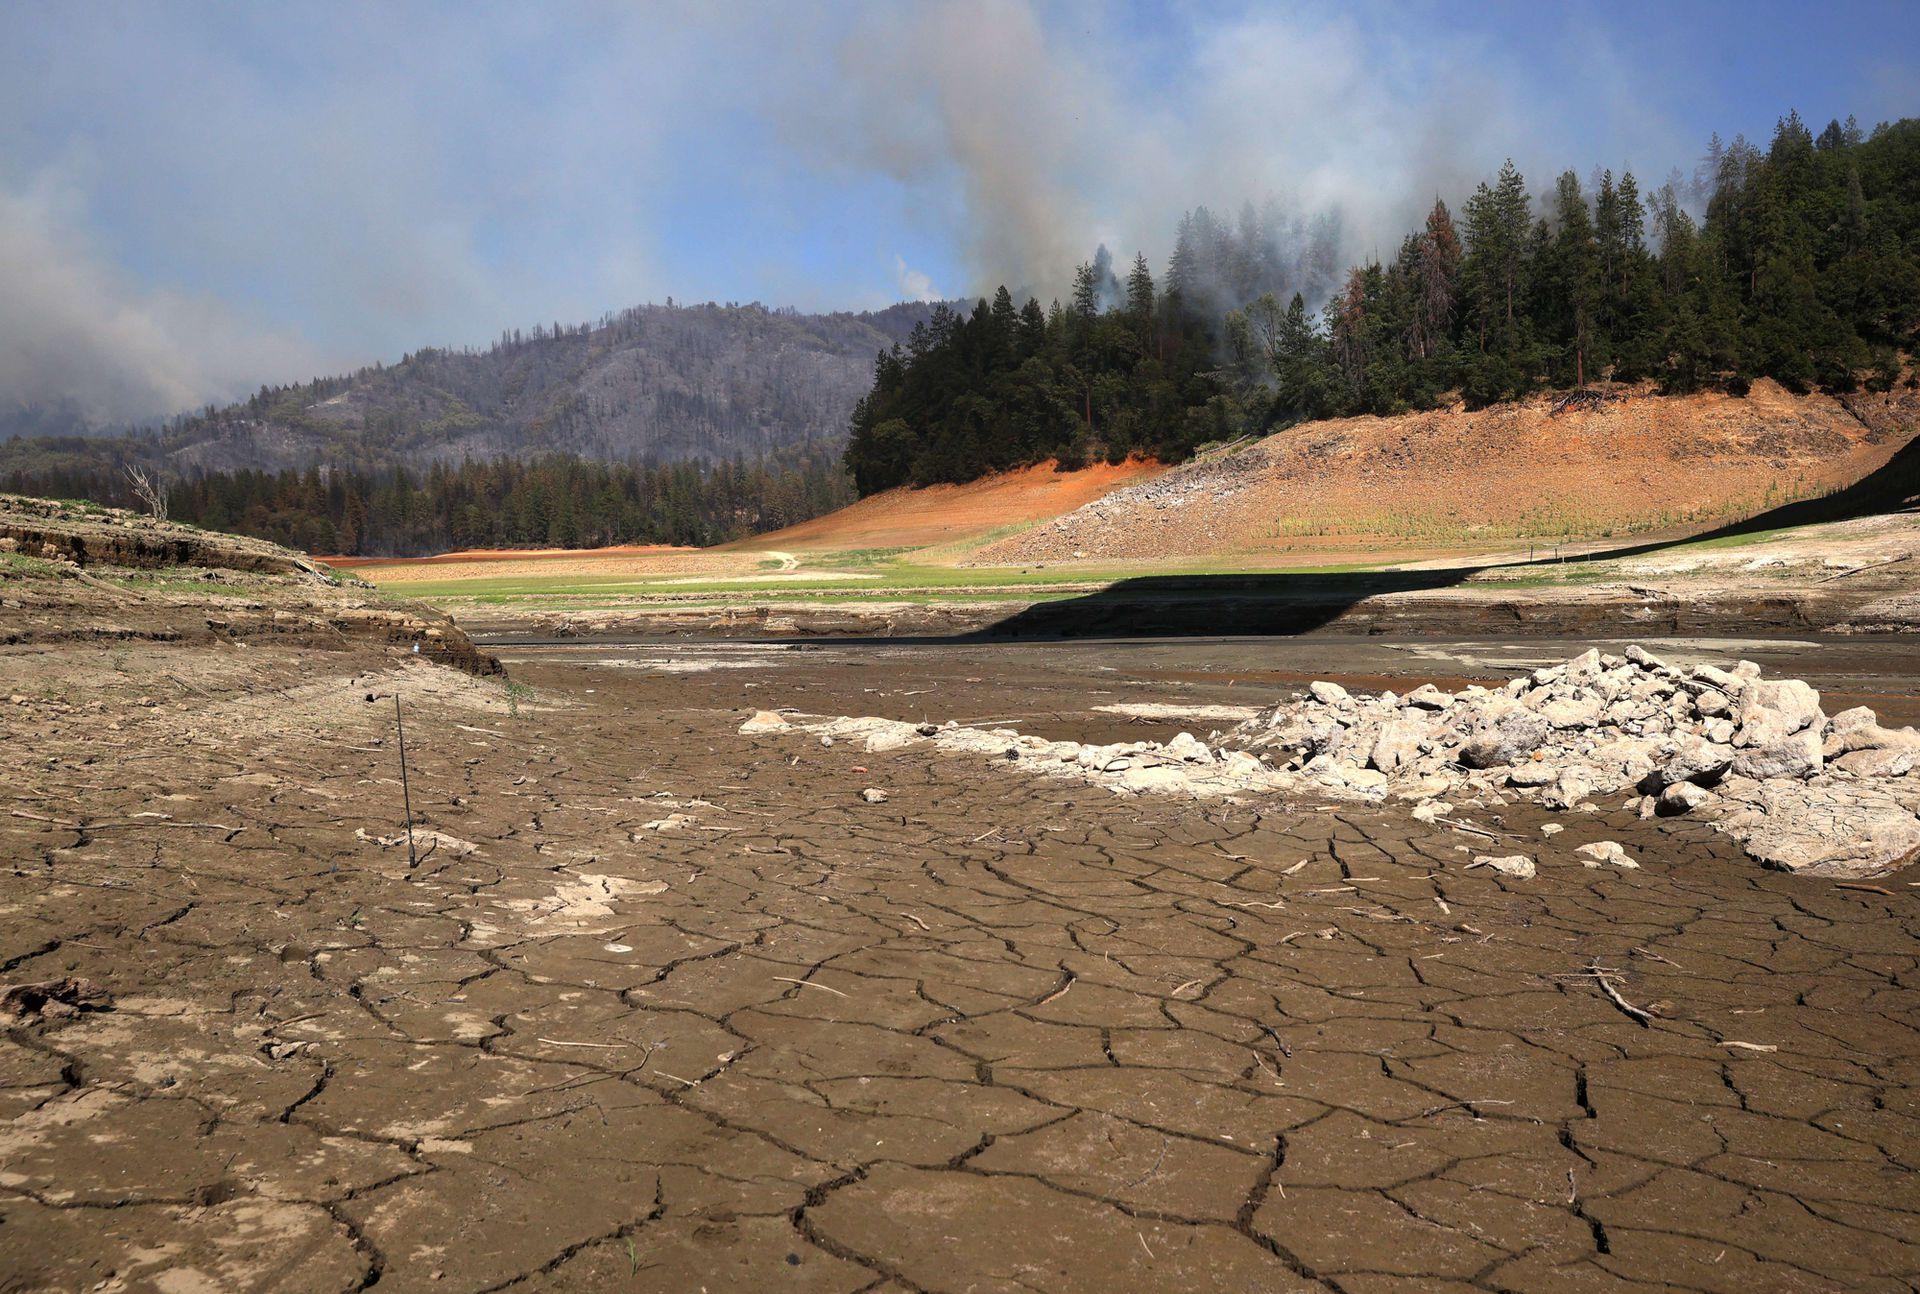 Este año además del calor California enfrenta un sequía pocas veces vista en su historia, los ríos están secos, hay temperaturas muy alta y fuertes vientos